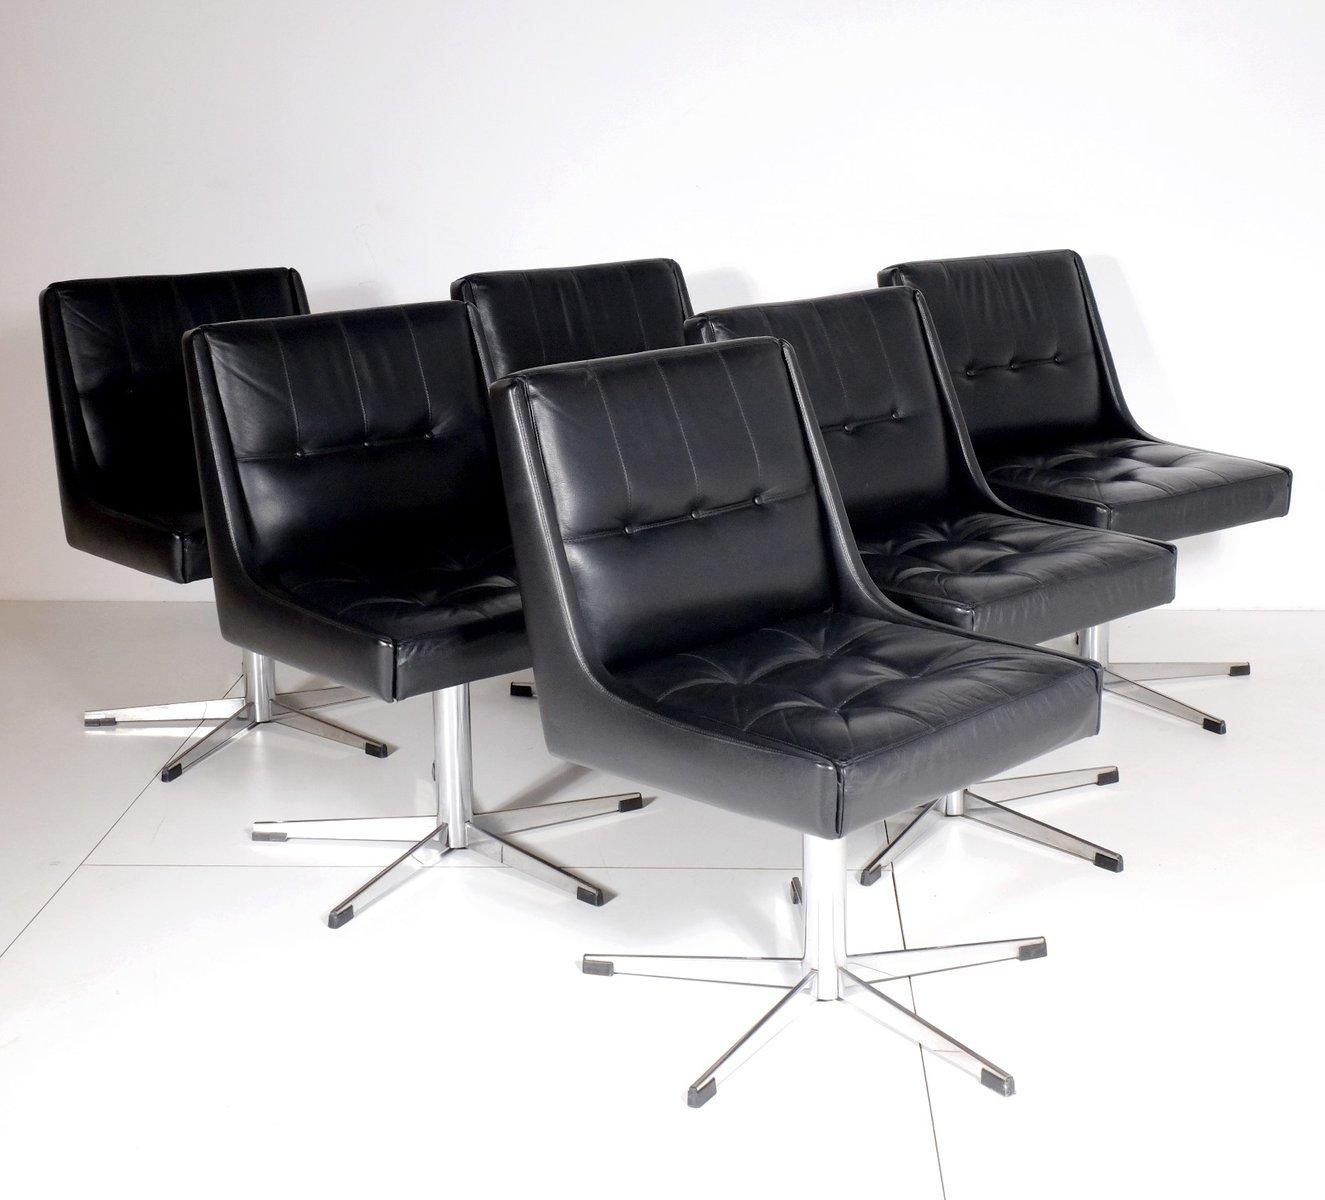 franz sische st hle aus verchromtem metall und schwarzem leder 1970er 6er set bei pamono kaufen. Black Bedroom Furniture Sets. Home Design Ideas